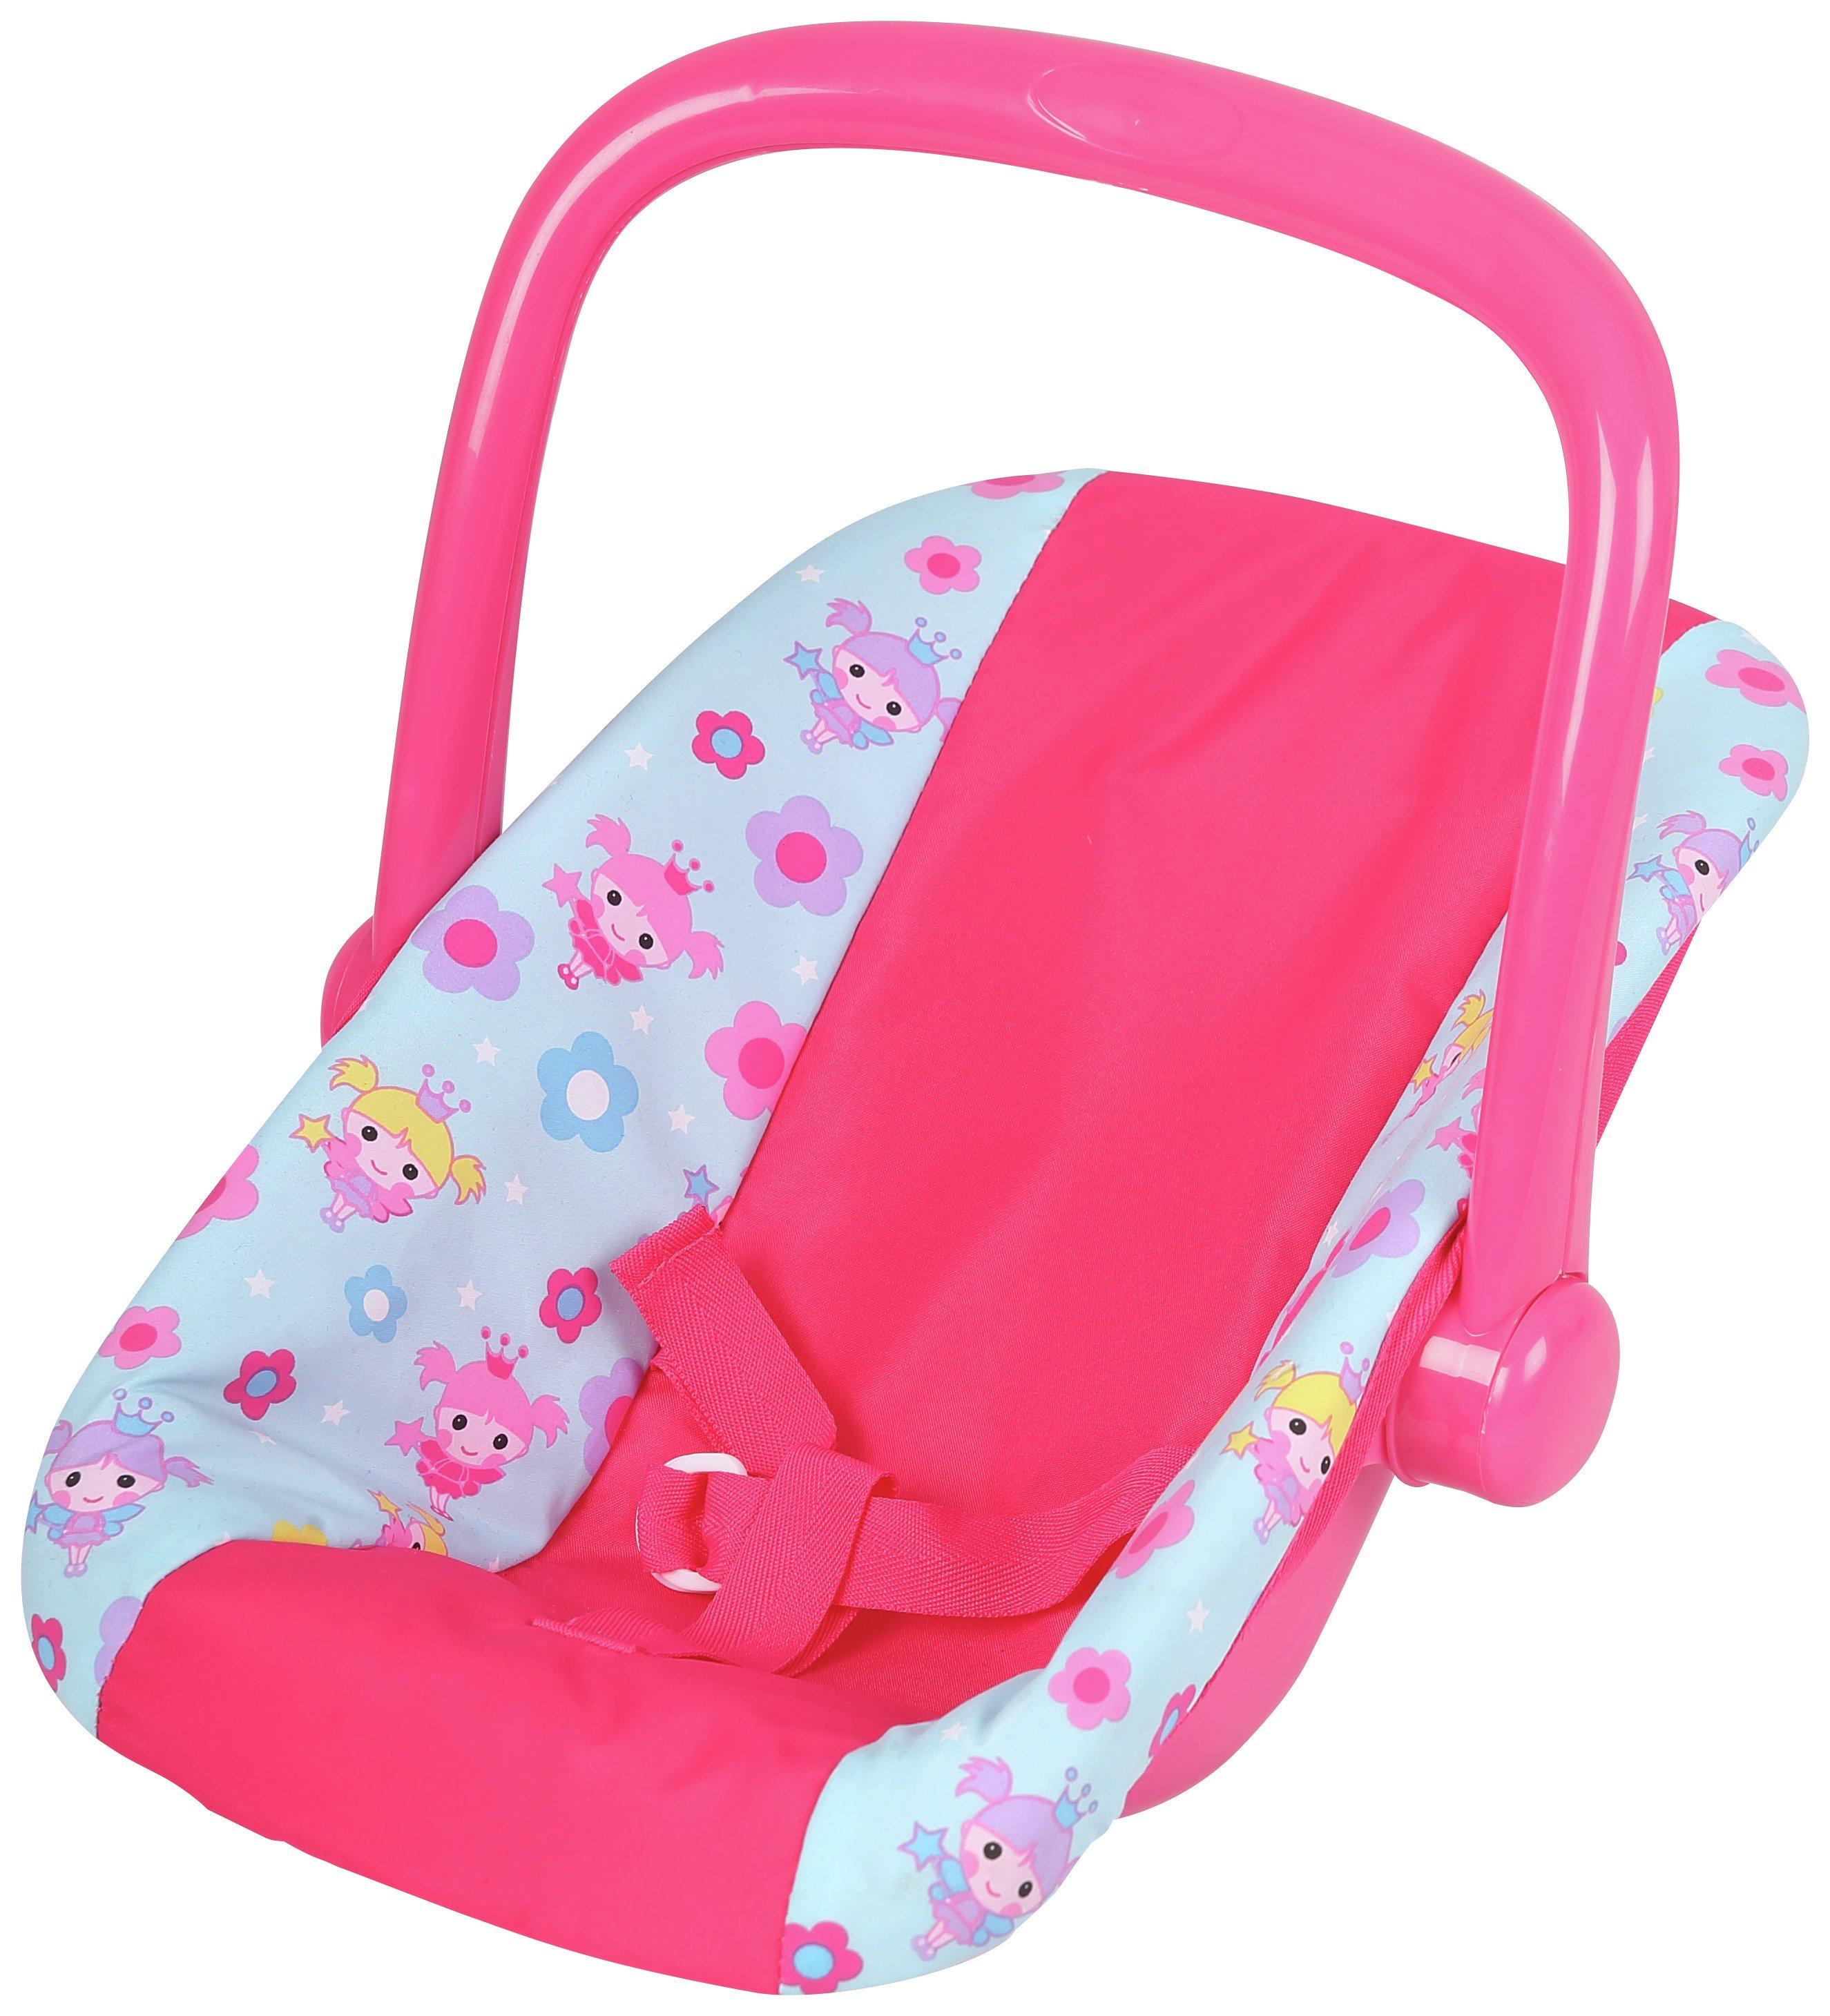 Image of Dollsworld Car Seat Carrier.